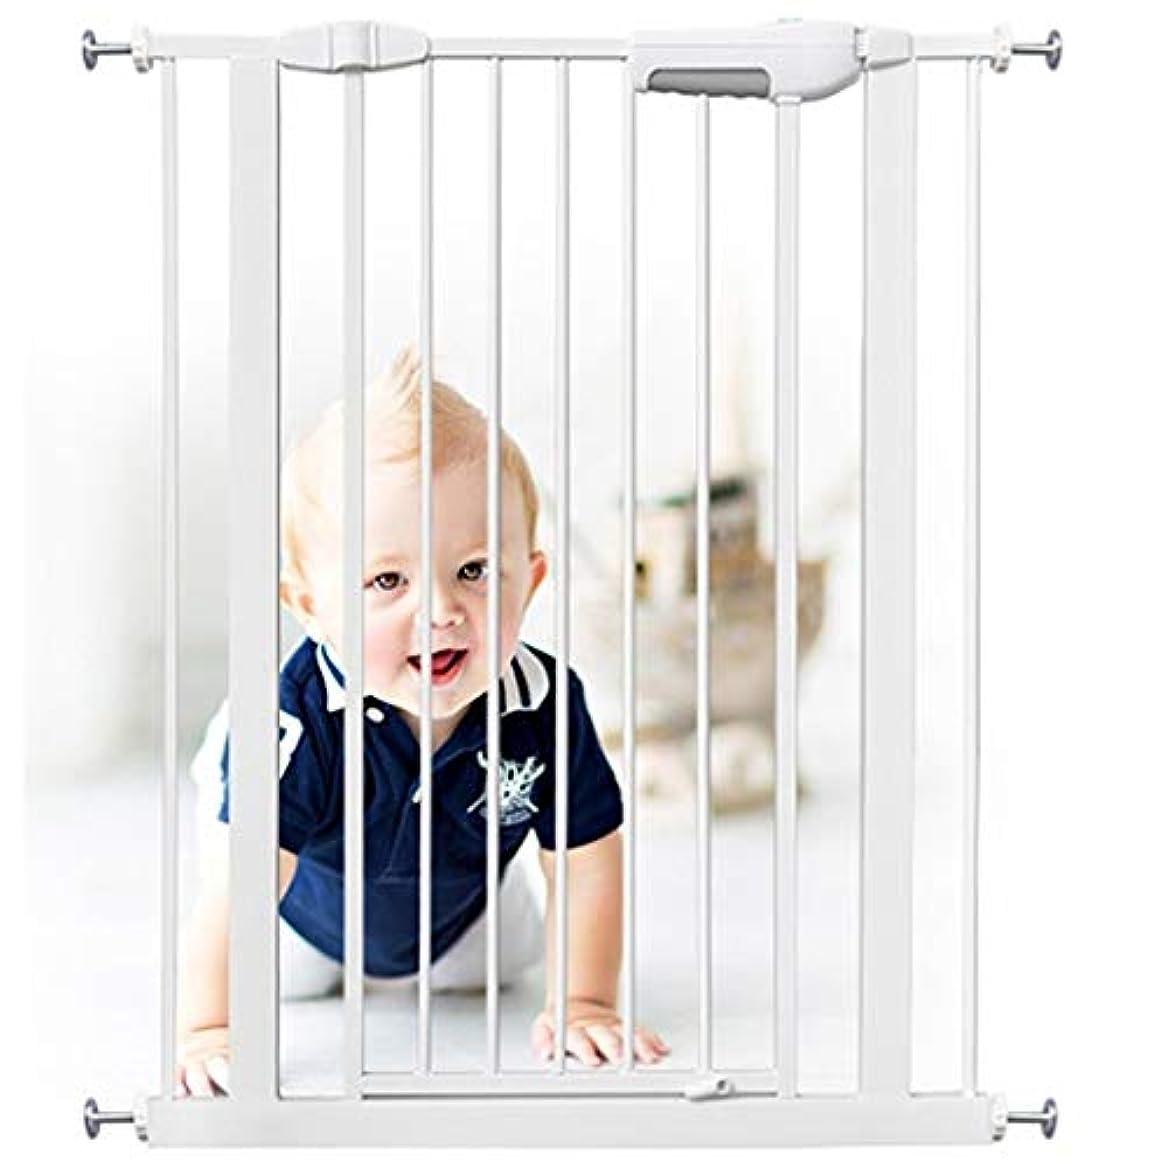 会計士マンハッタン破壊ベビーゲート エクストラワイド伸縮ペット赤ちゃんの安全ゲートプレイエリアのための圧力マウントフェンス暖炉ガード付き (Color : Height 76cm, Size : 135-143cm)